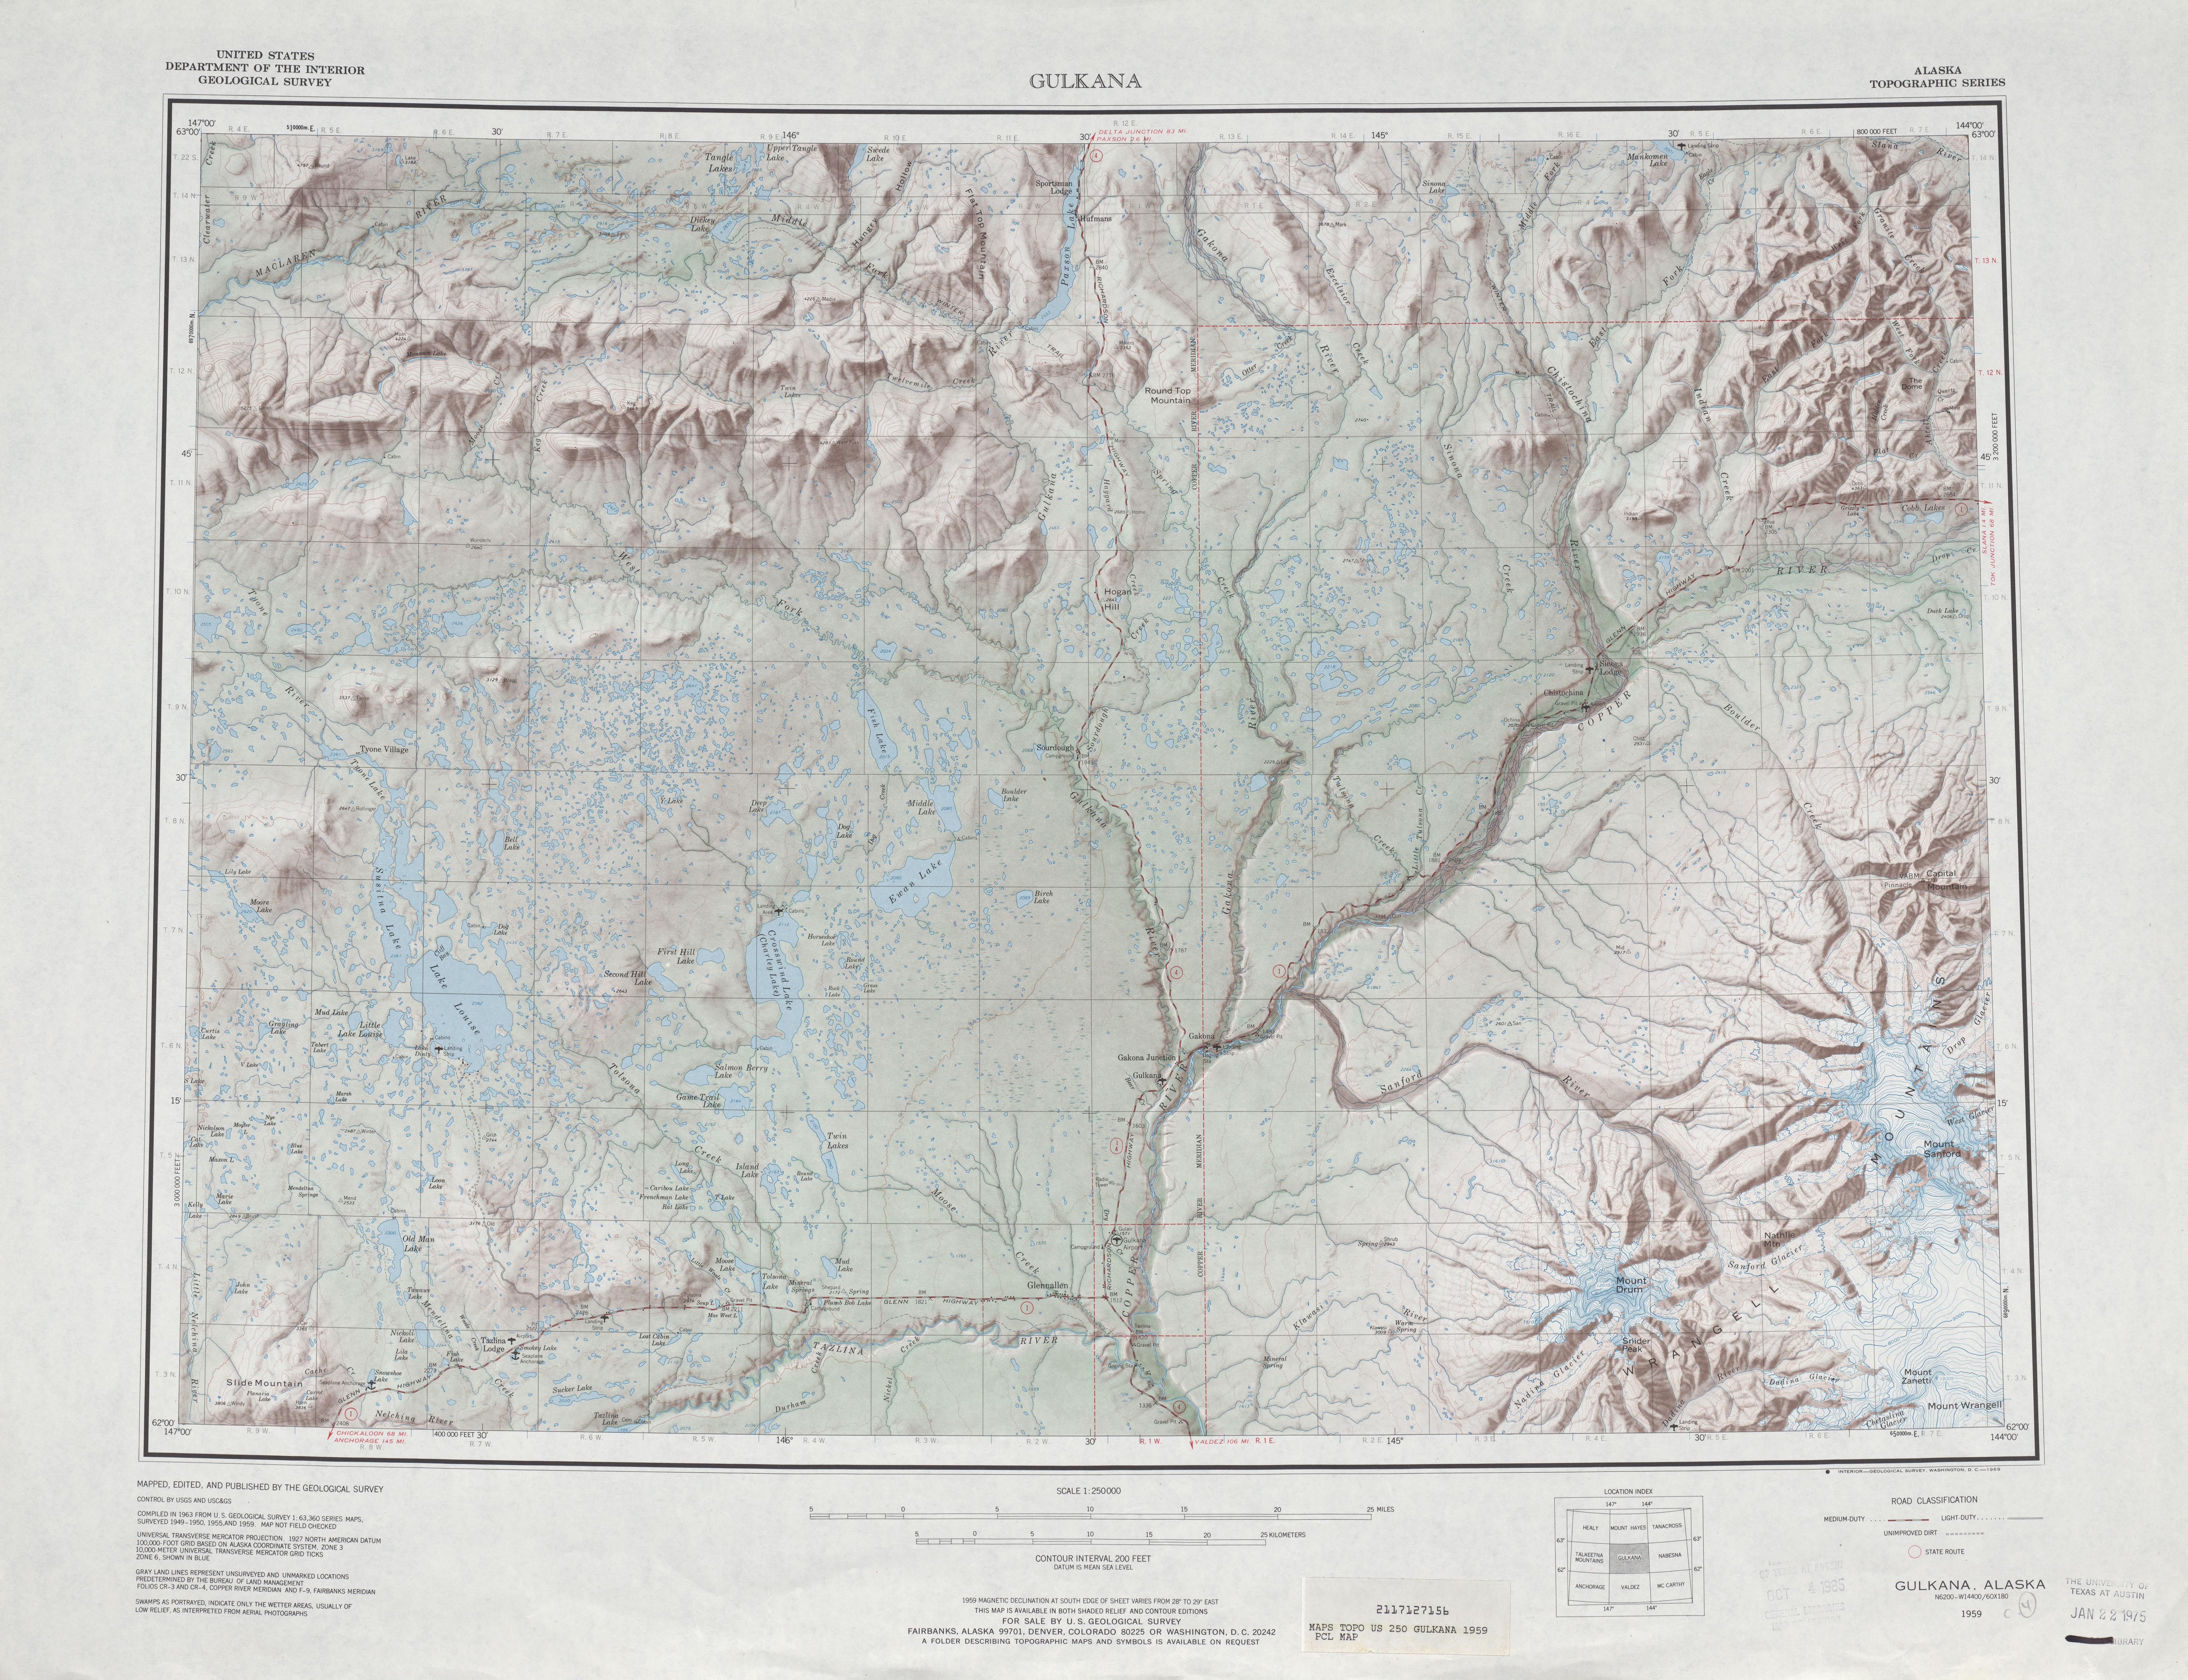 Hoja Gulkana del Mapa de Relieve Sombreado de los Estados Unidos 1959